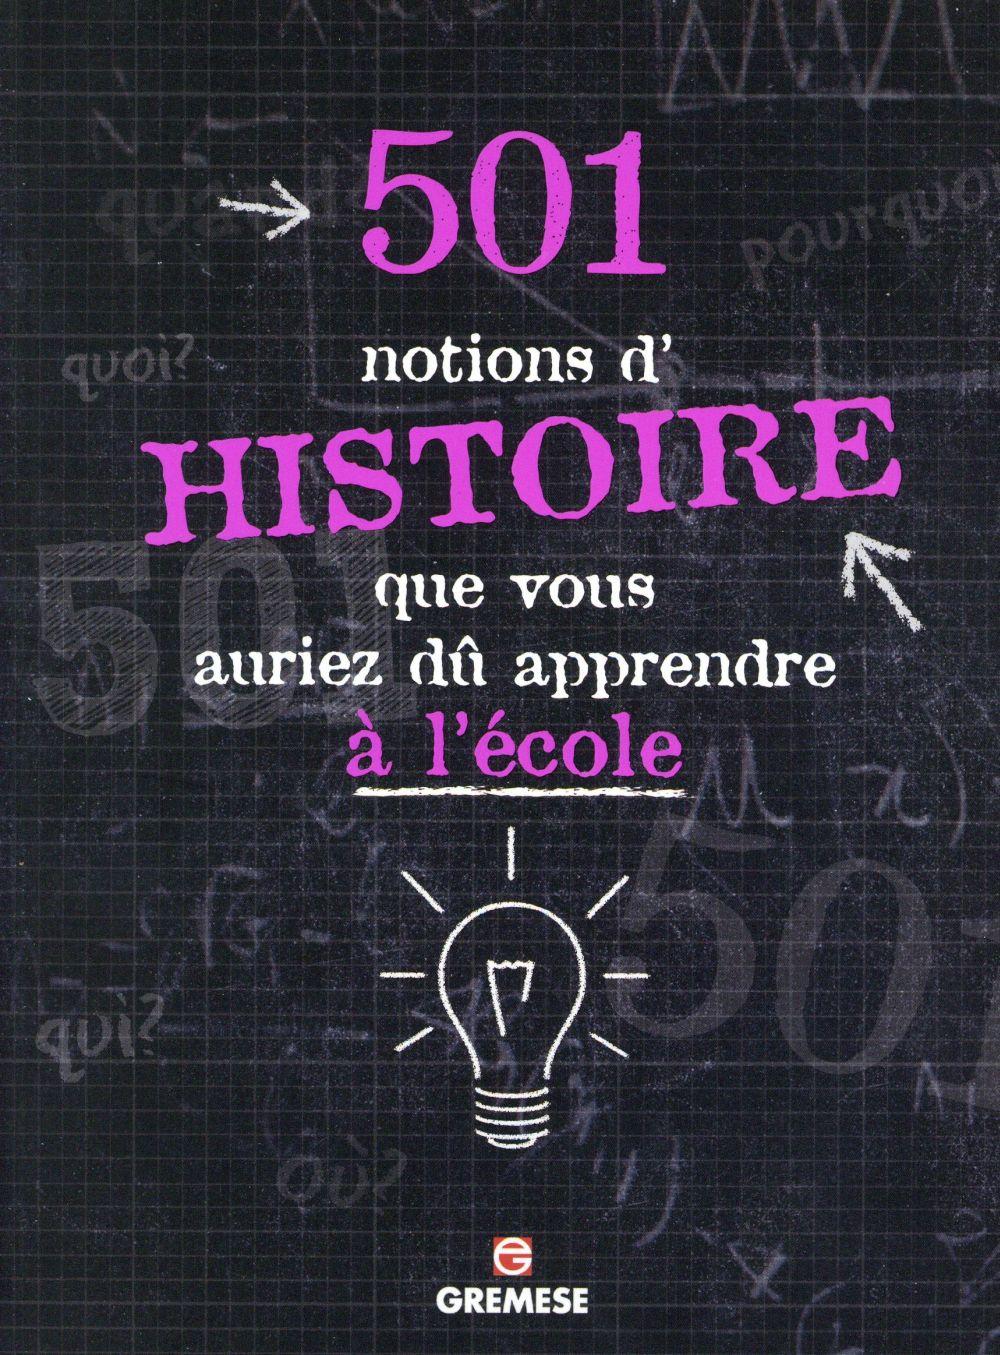 501 notions d'histoire que vous auriez du apprendre a l'ecole